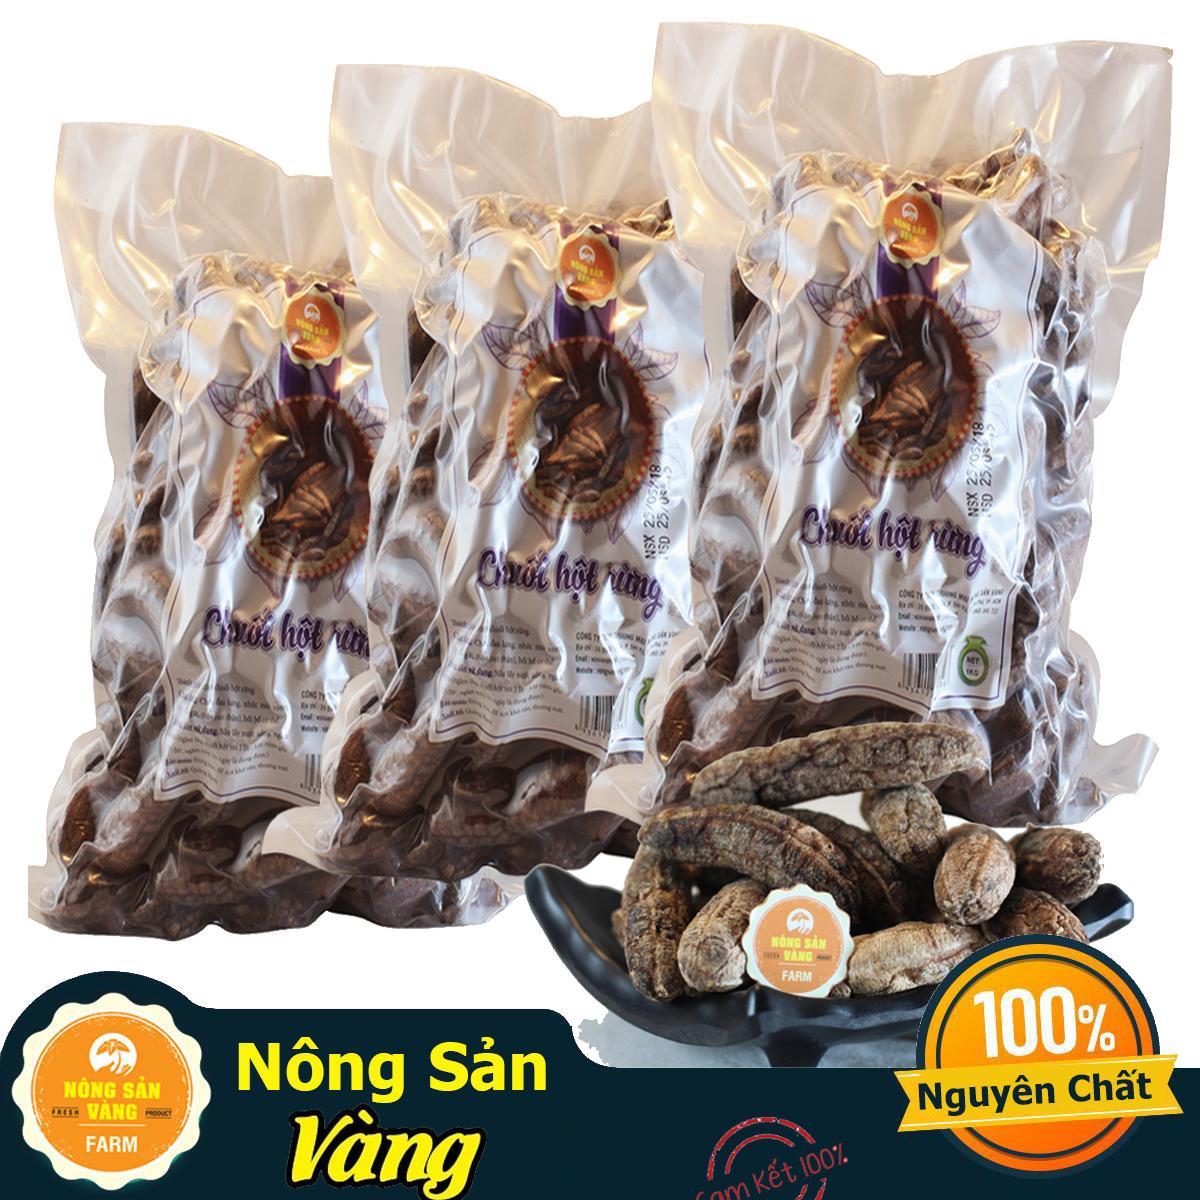 Hot Deal Khi Mua Chuối Hột Rừng Chín 3kg - Nông Sản Vàng